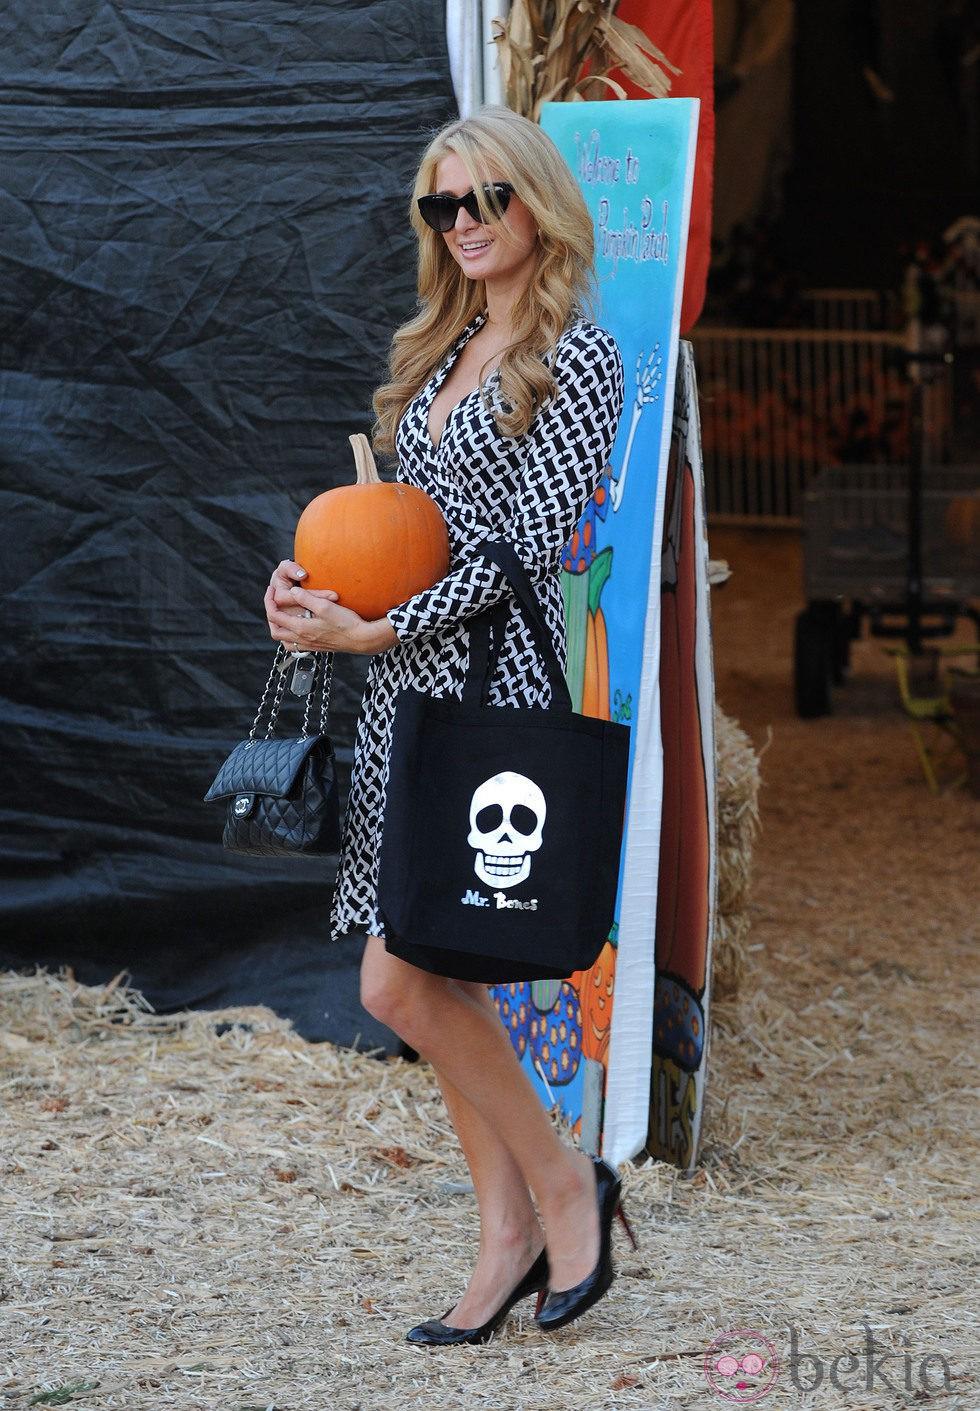 Paris Hilton posa con su calabaza en el Mr. Bones Pumpkin Patch de Los Angeles